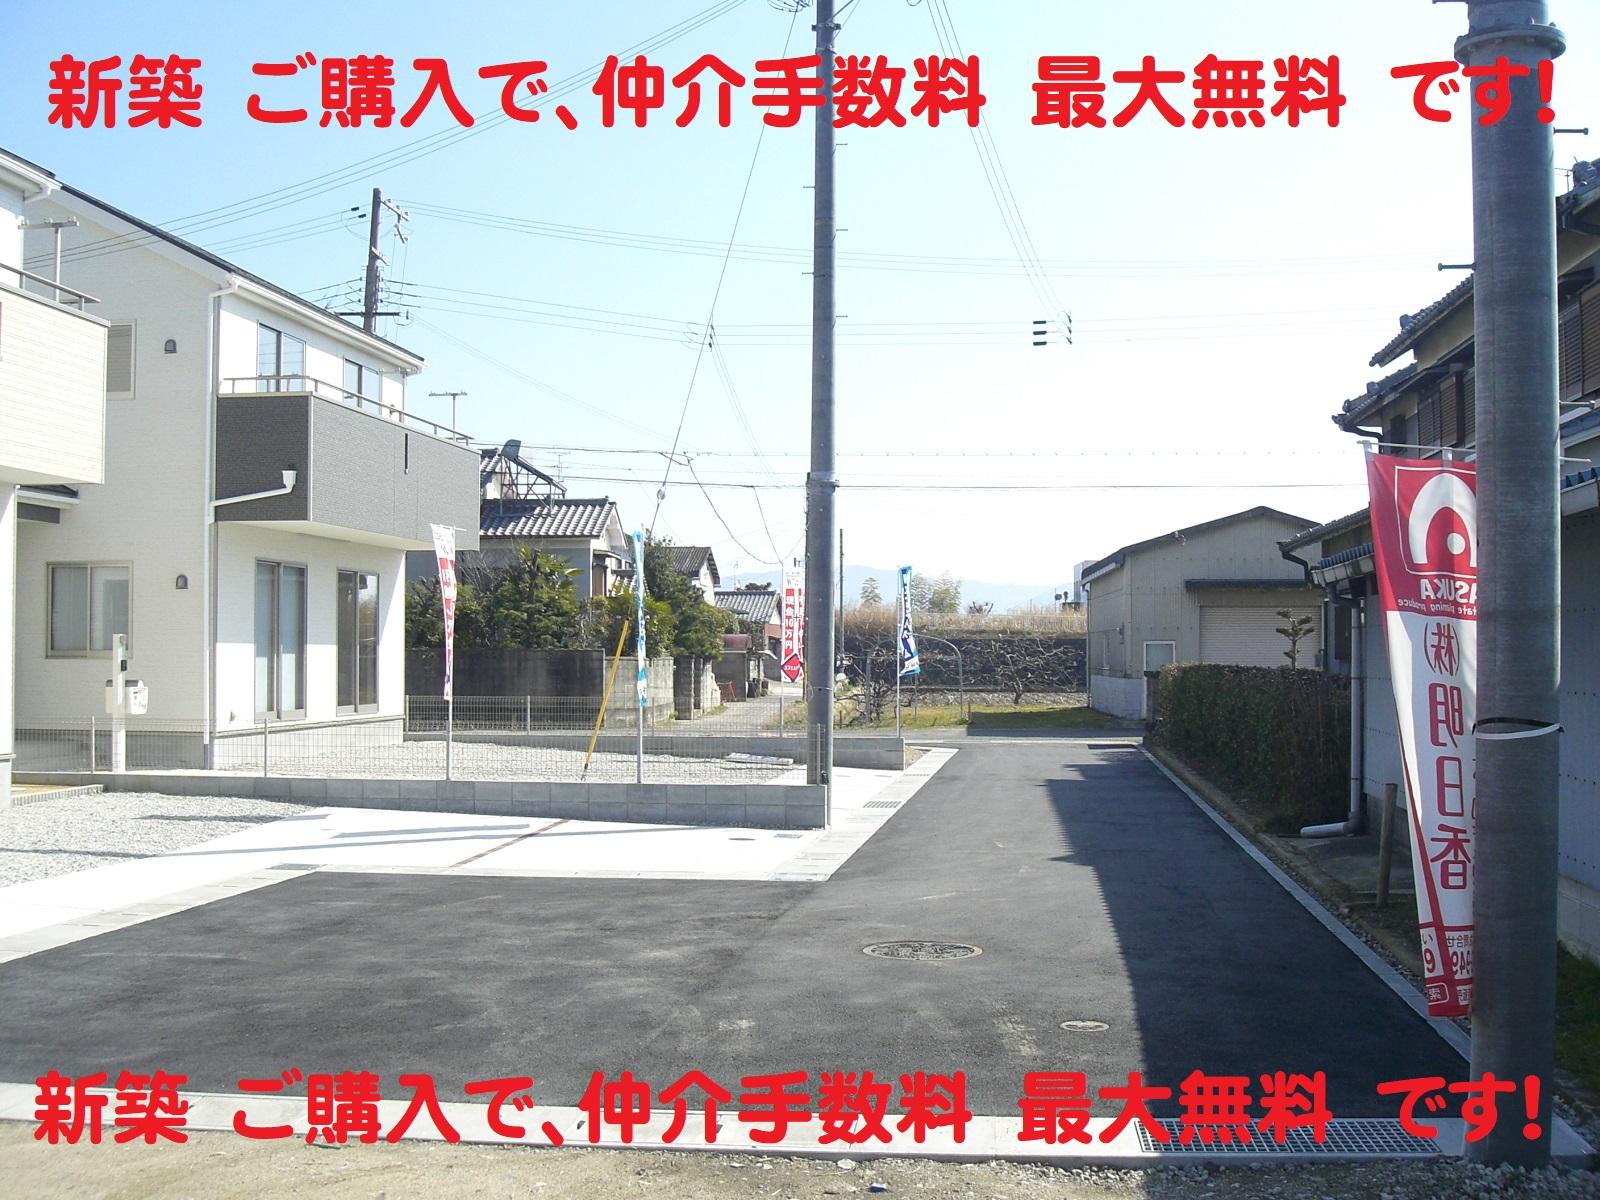 広陵町 南 新築 建物 飯田グループ アーネストワン モデルハウス ご案内できます!